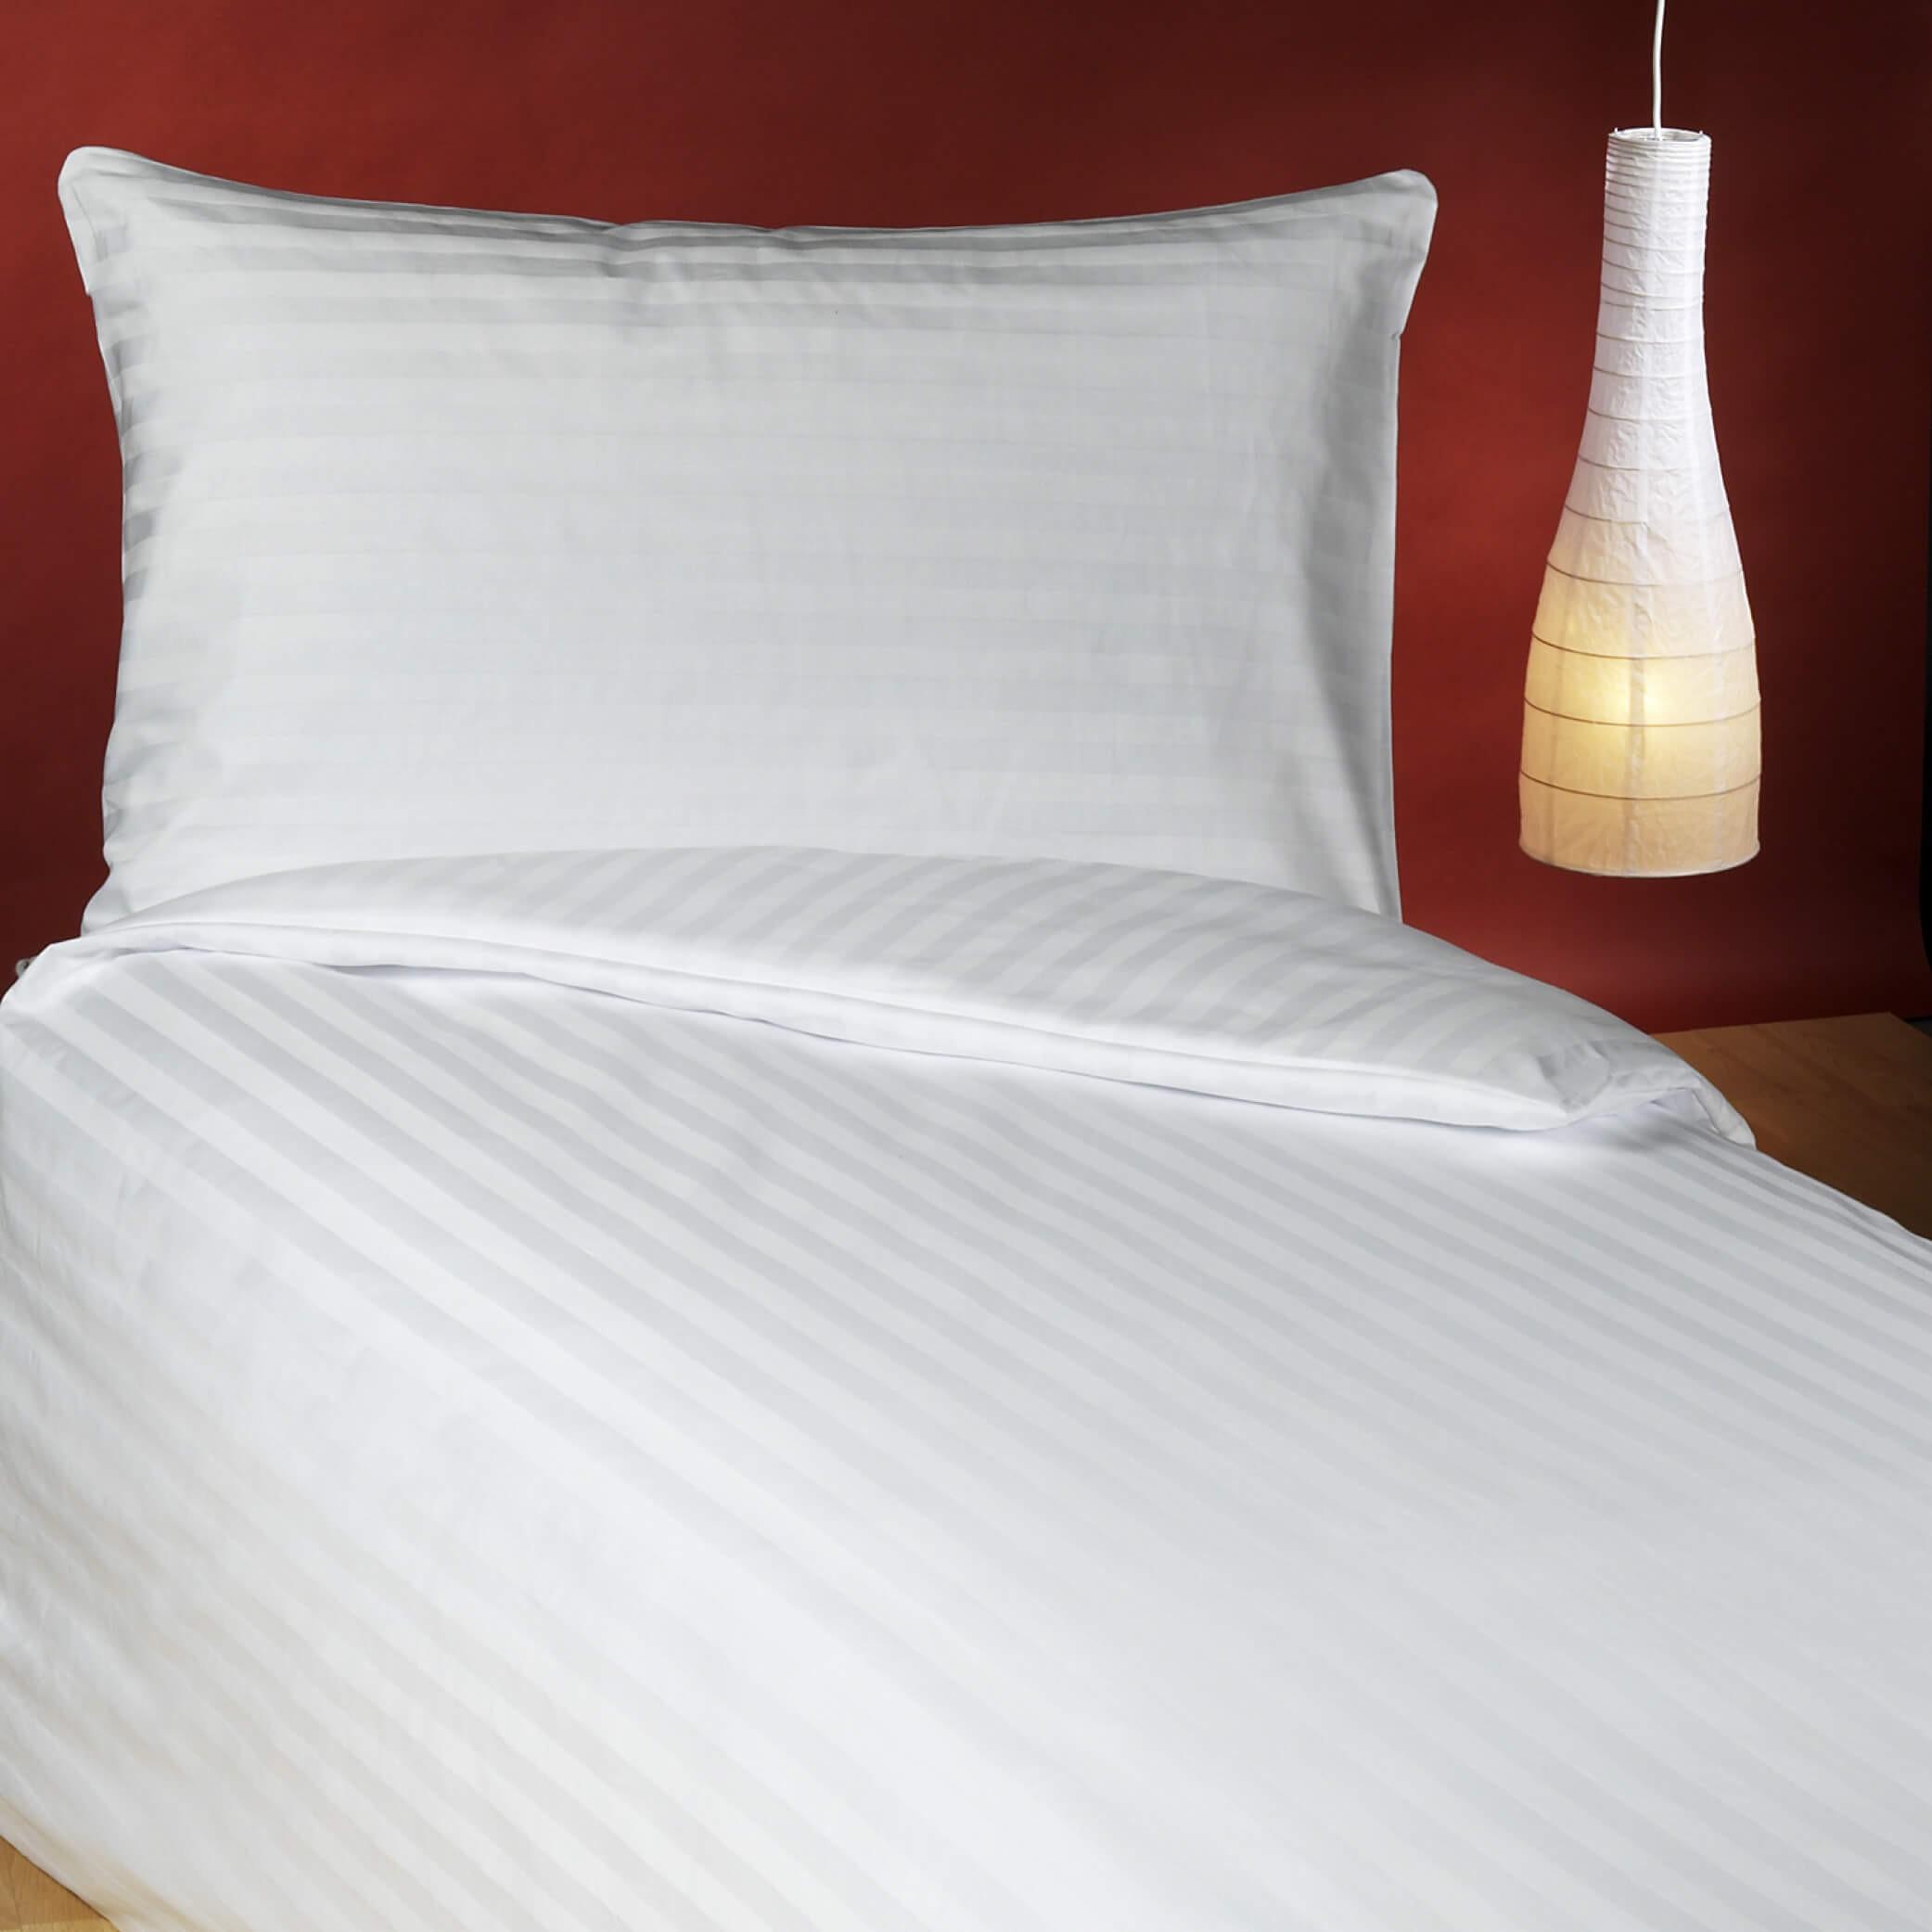 Bettwäschegarnitur aus gestreiftem Baumwolldamast GINO